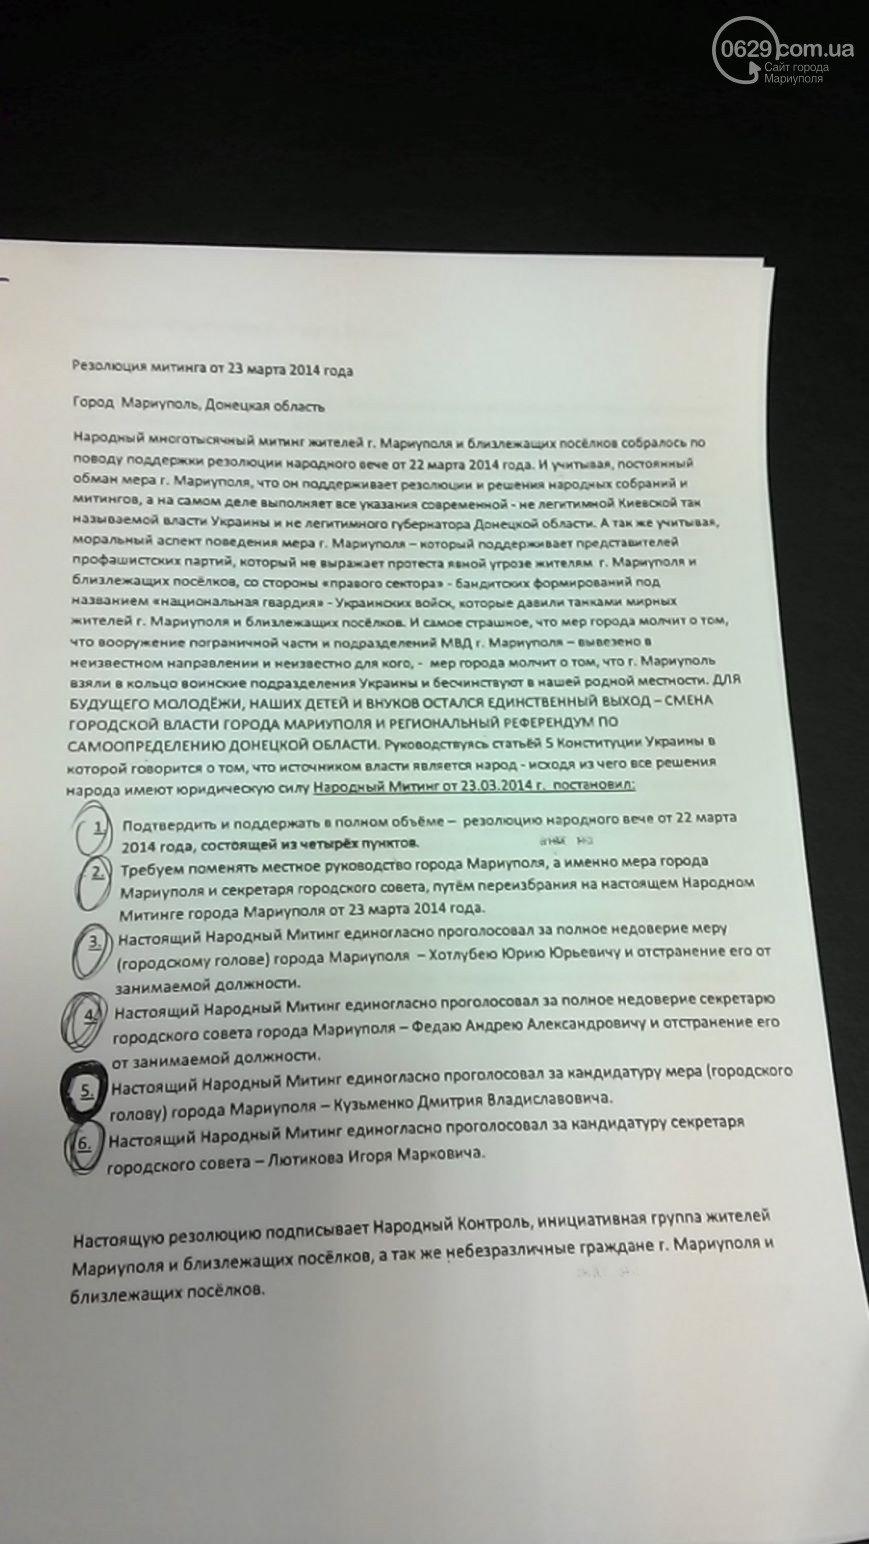 Народное вече выбрало народным мэром Мариуполя Кузьменко (ФОТО+Дополнено), фото-1